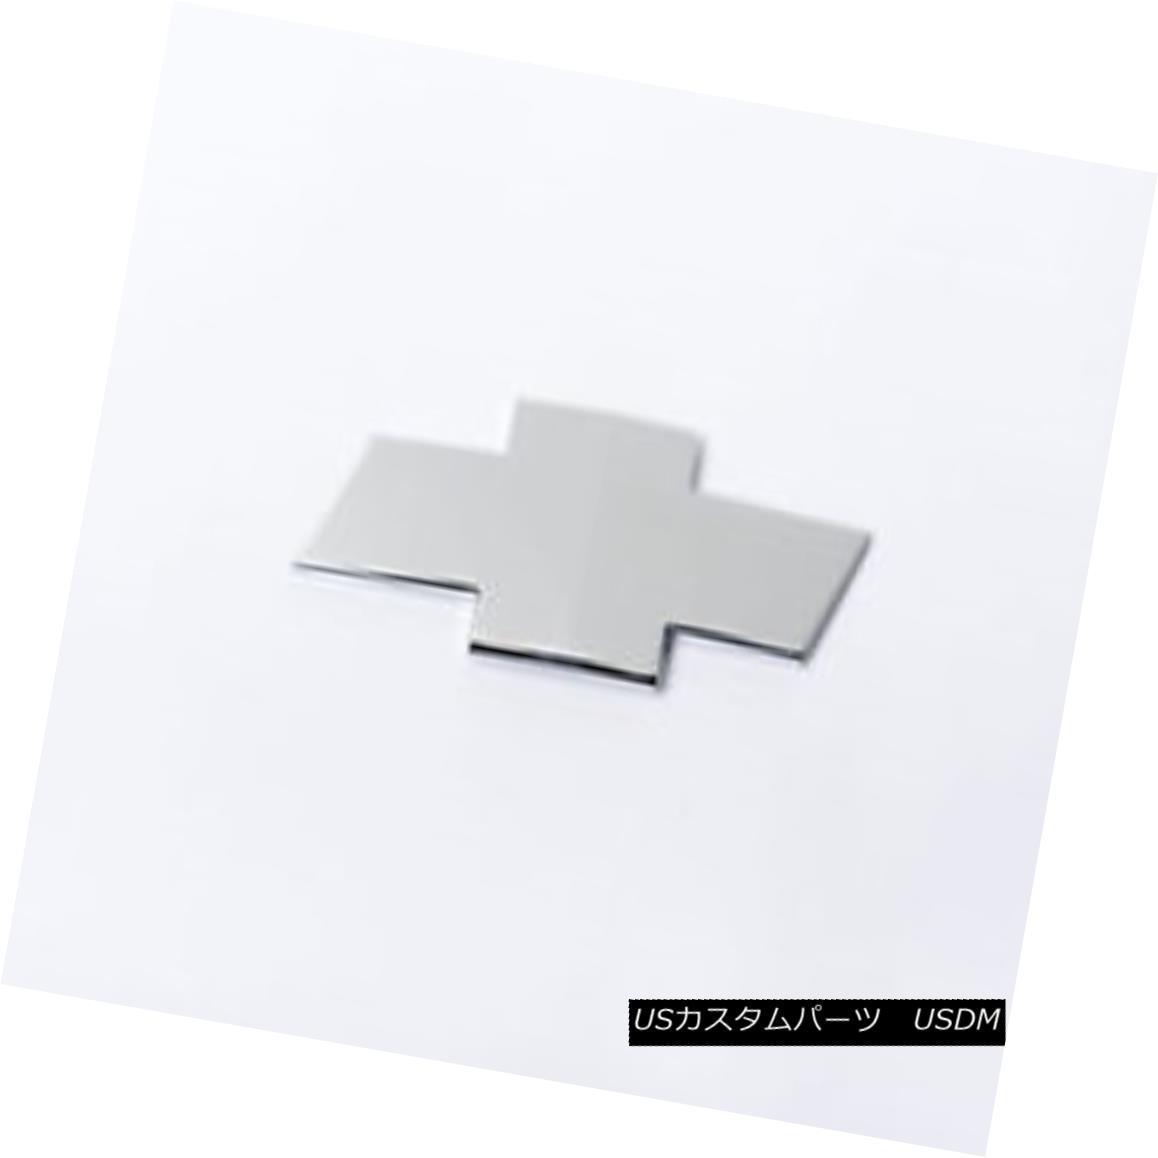 グリル PUTCO 99998GMC - Emblem Kit Fits 13-14 Chevy Traverse - Chrome PUTCO 99998GMC - エンブレムキット13-14 Chevy Traverseに適合 - クロム